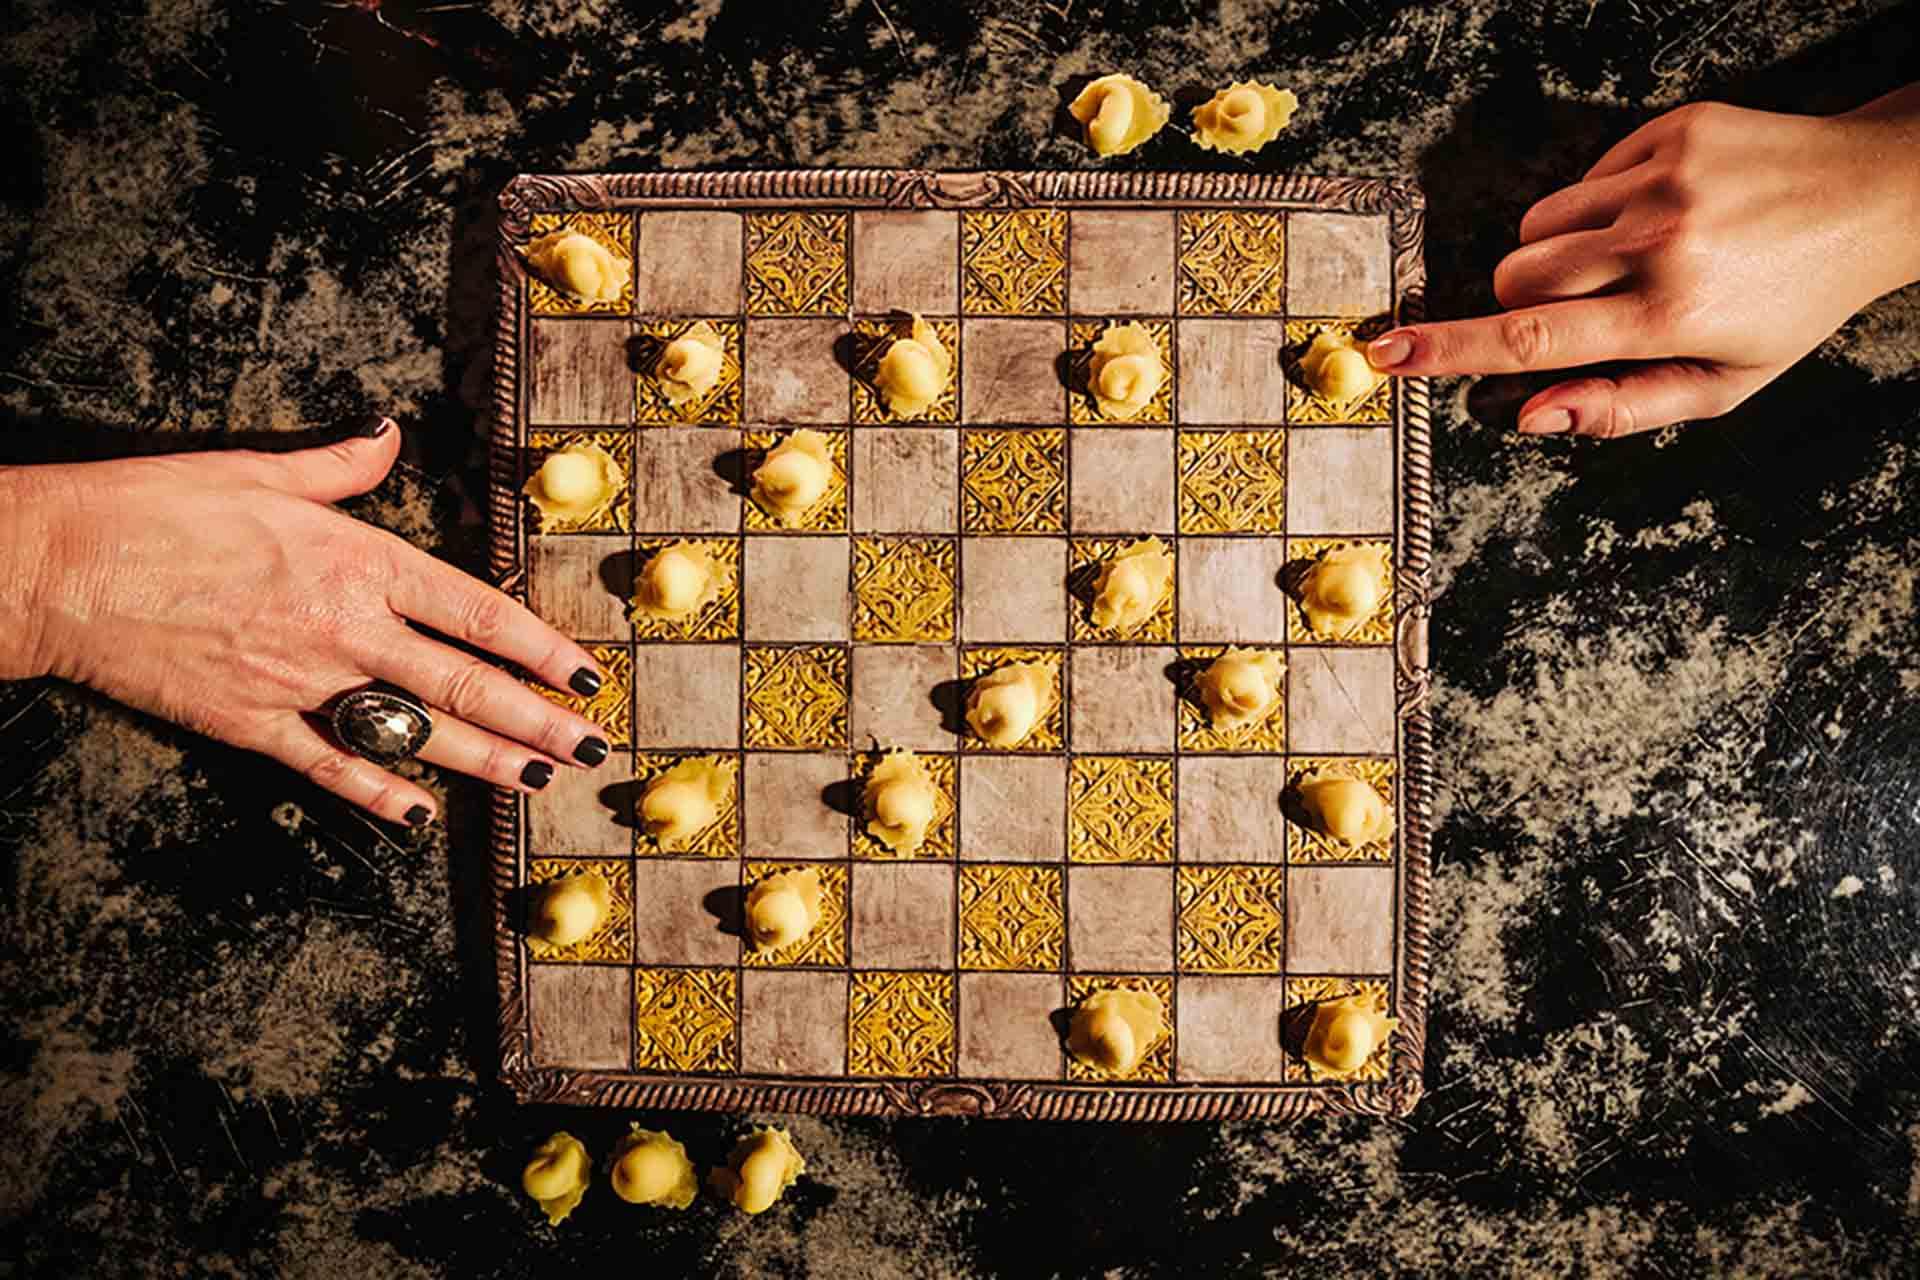 Cucina Casalinga: Dalle Ricette Della Nonna Al Contest Digitale • My  #B58616 1920 1280 H Tavolo Da Pranzo